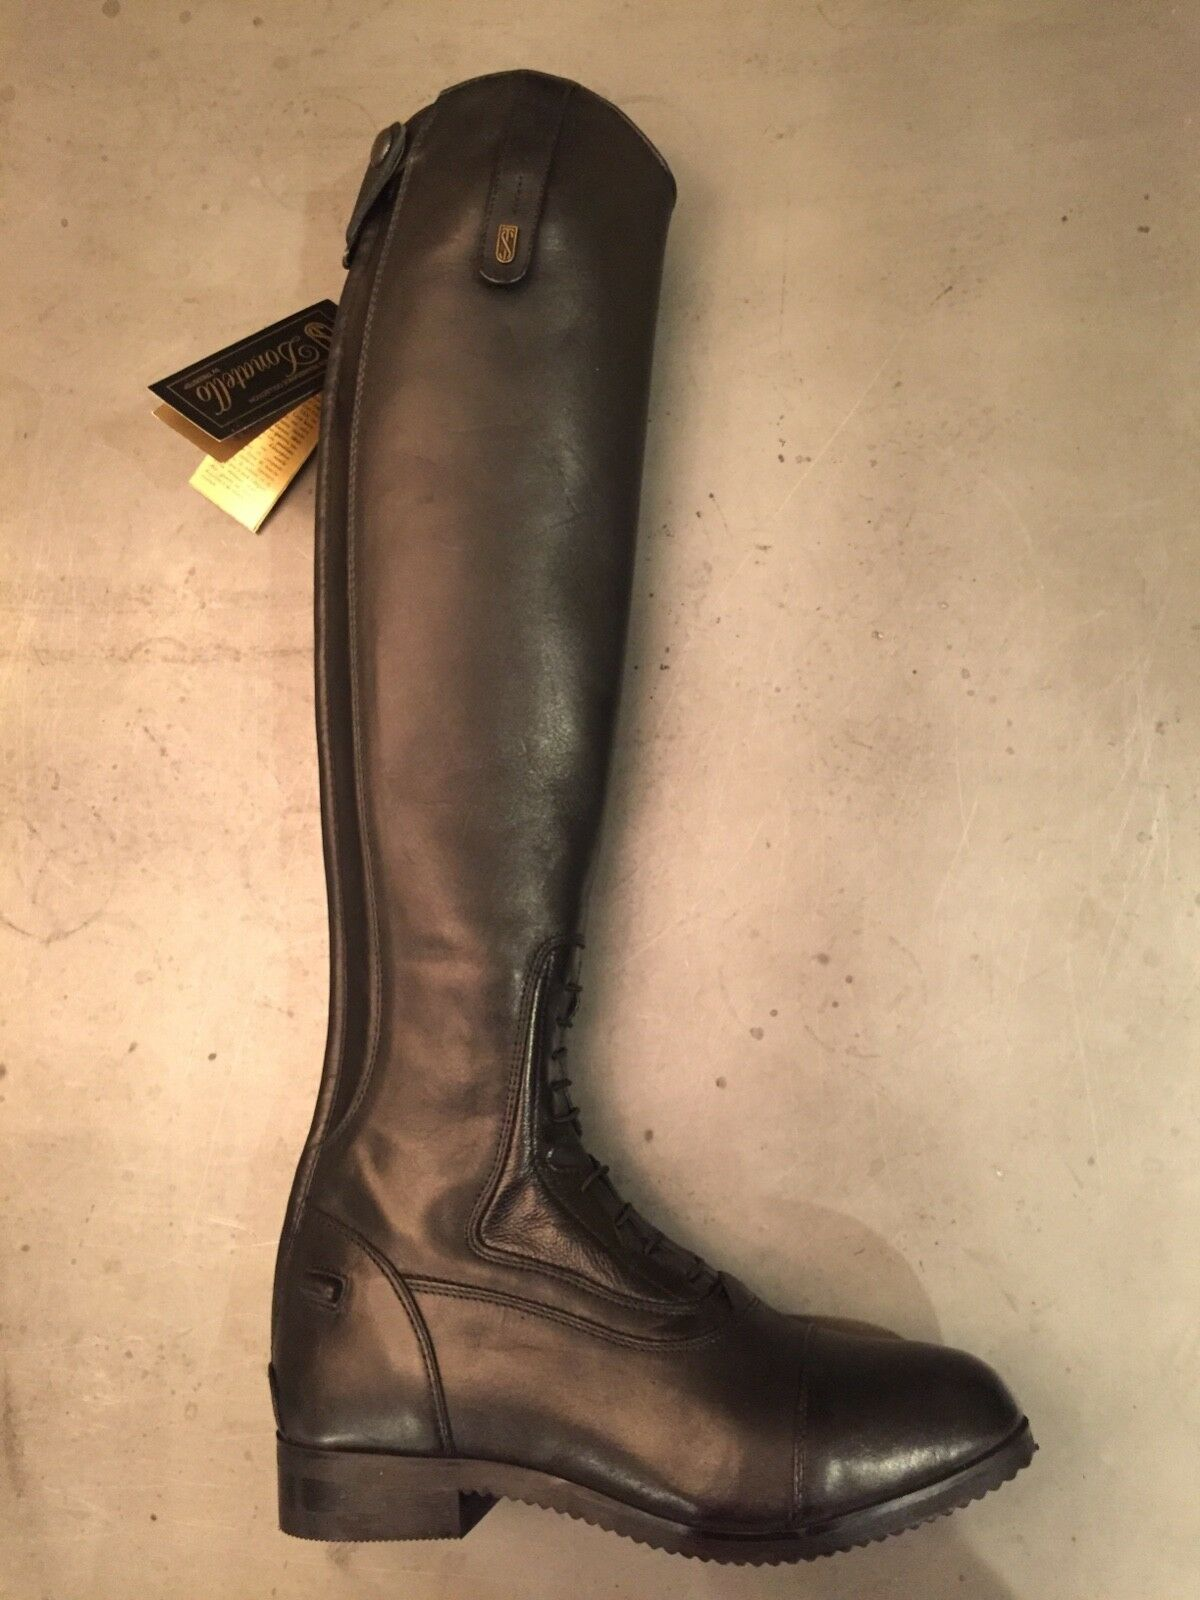 Nuevas botas De Campo negro Trojostep Donatello 8-8.5, xSlim Becerro de 12.2 , alto HT 19.25